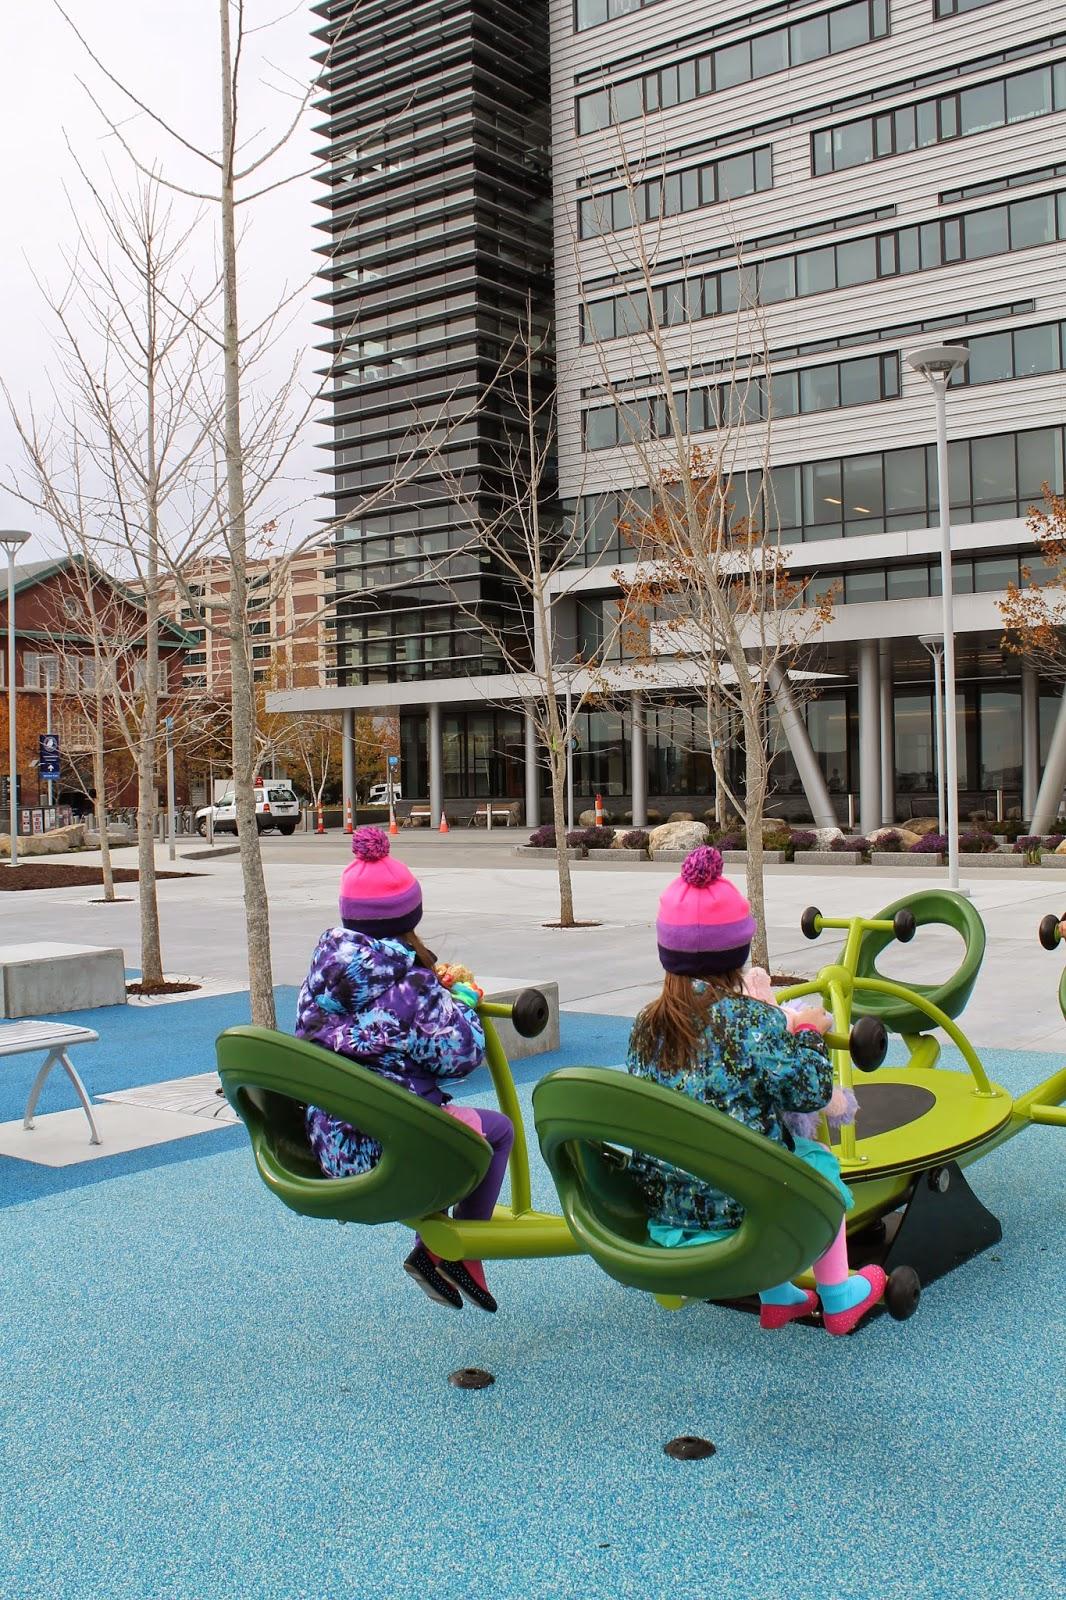 playground hopping mayor thomas menino park charlestown